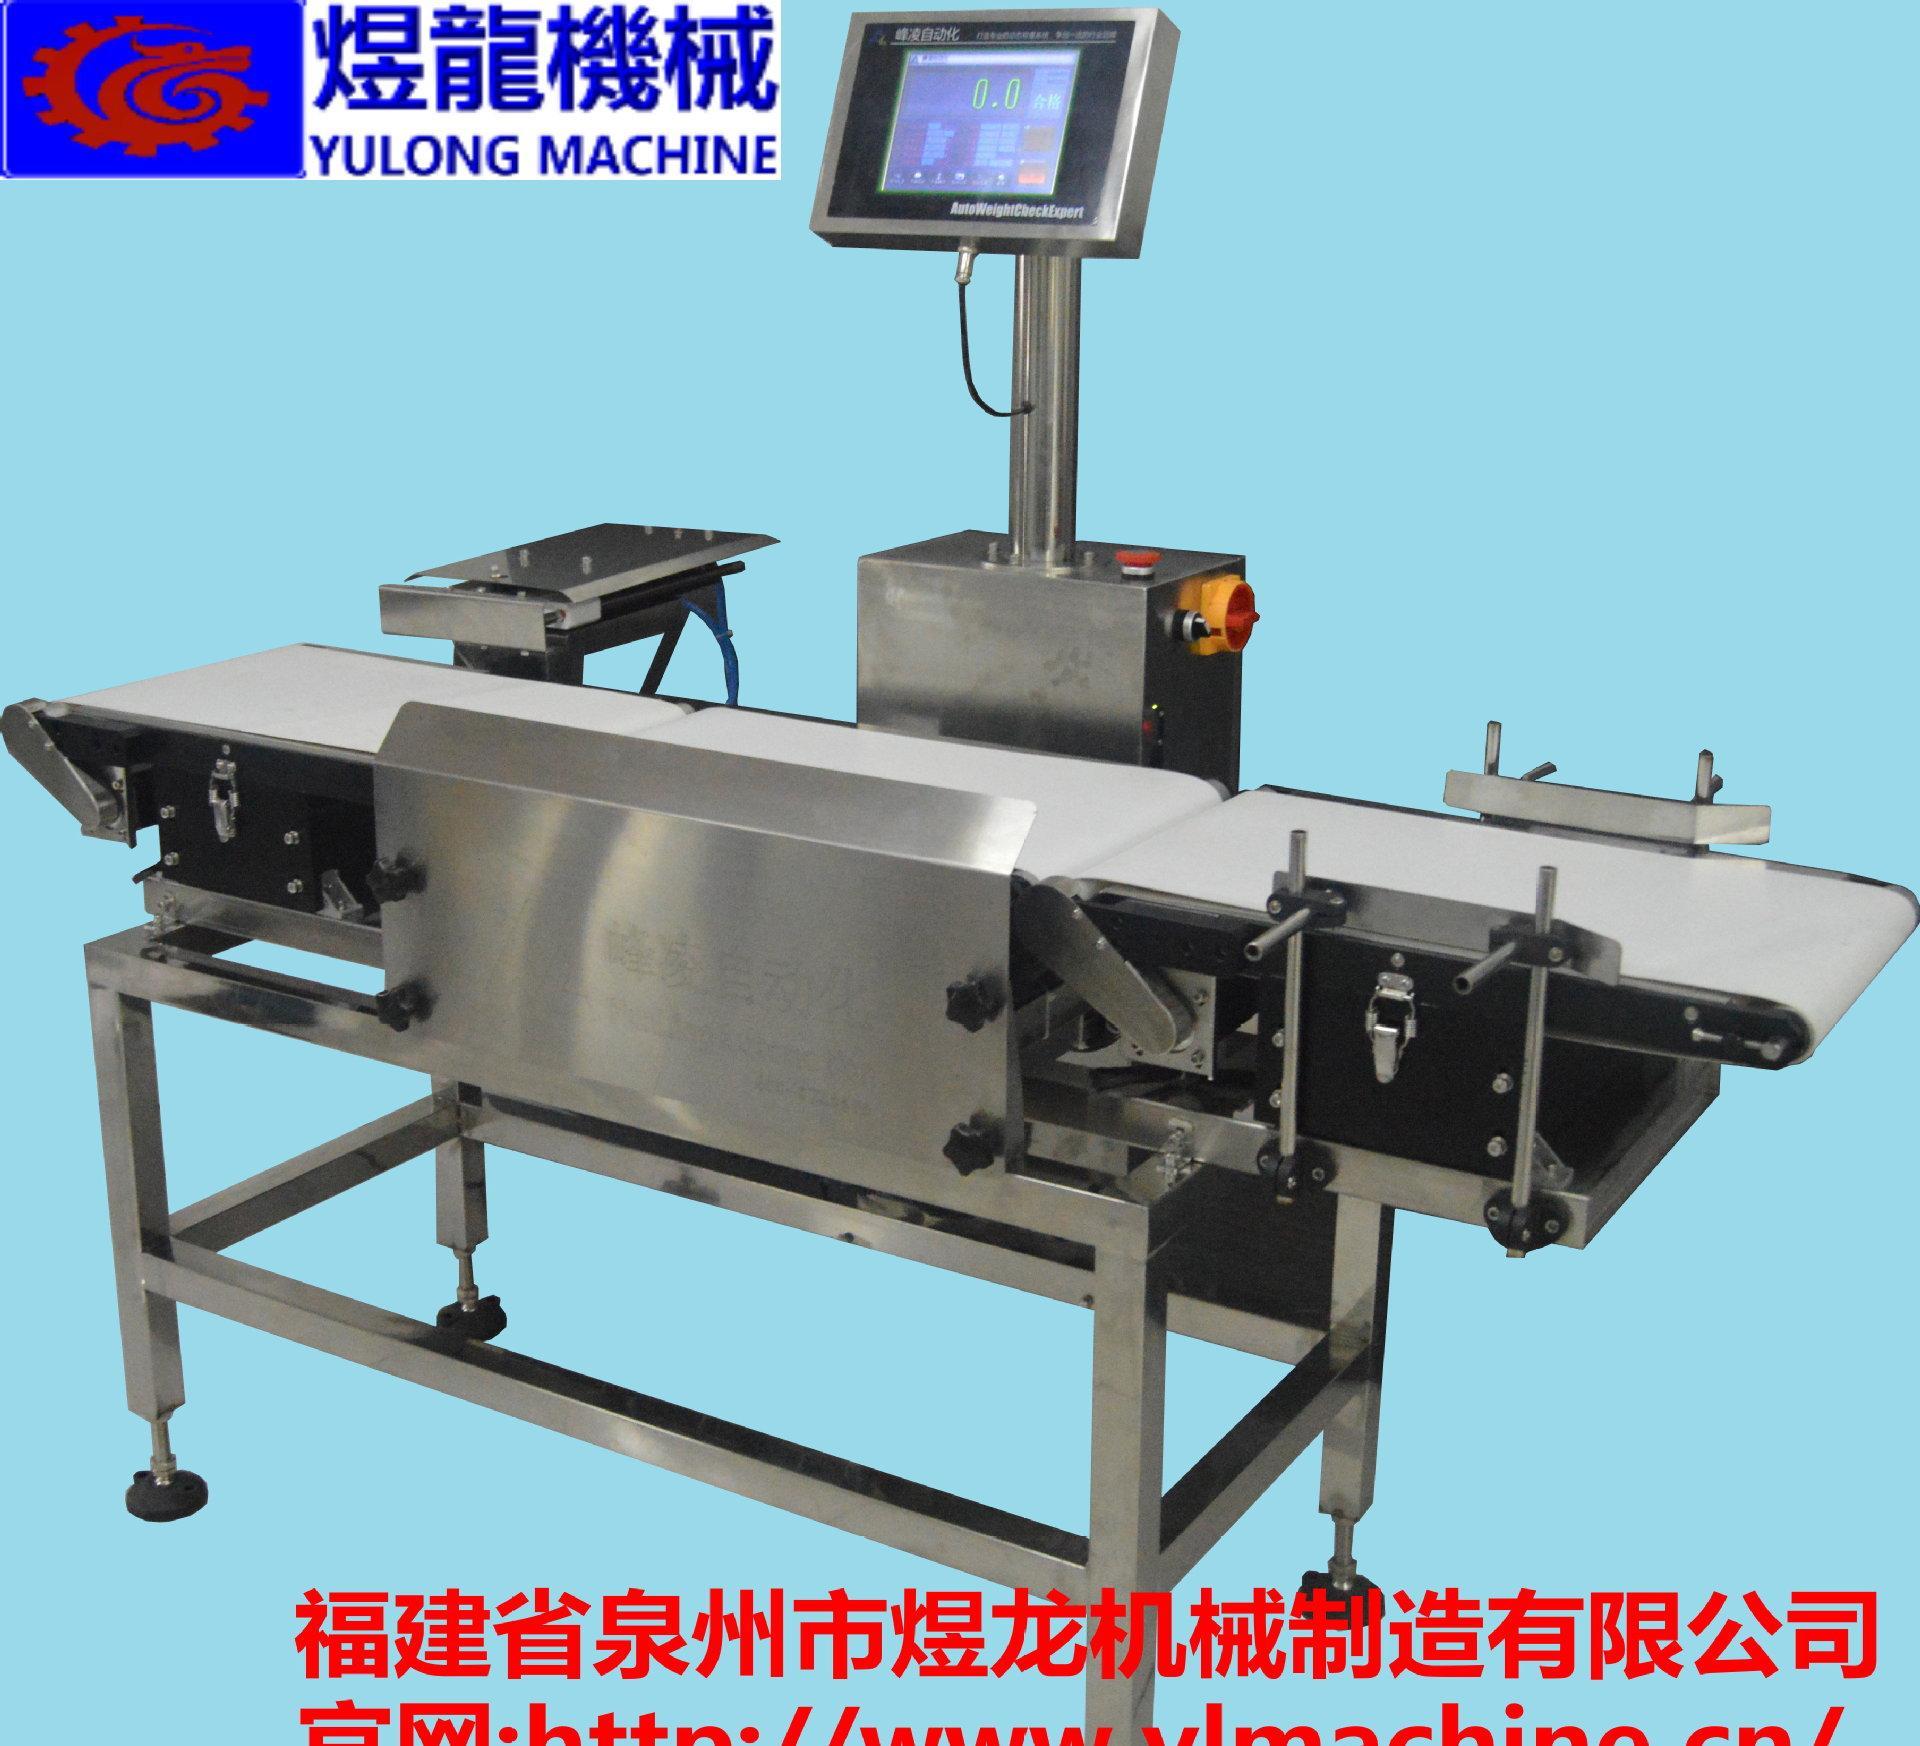 检重秤 自动称重机 重量检测机 称重机 重量分级机 在线称重